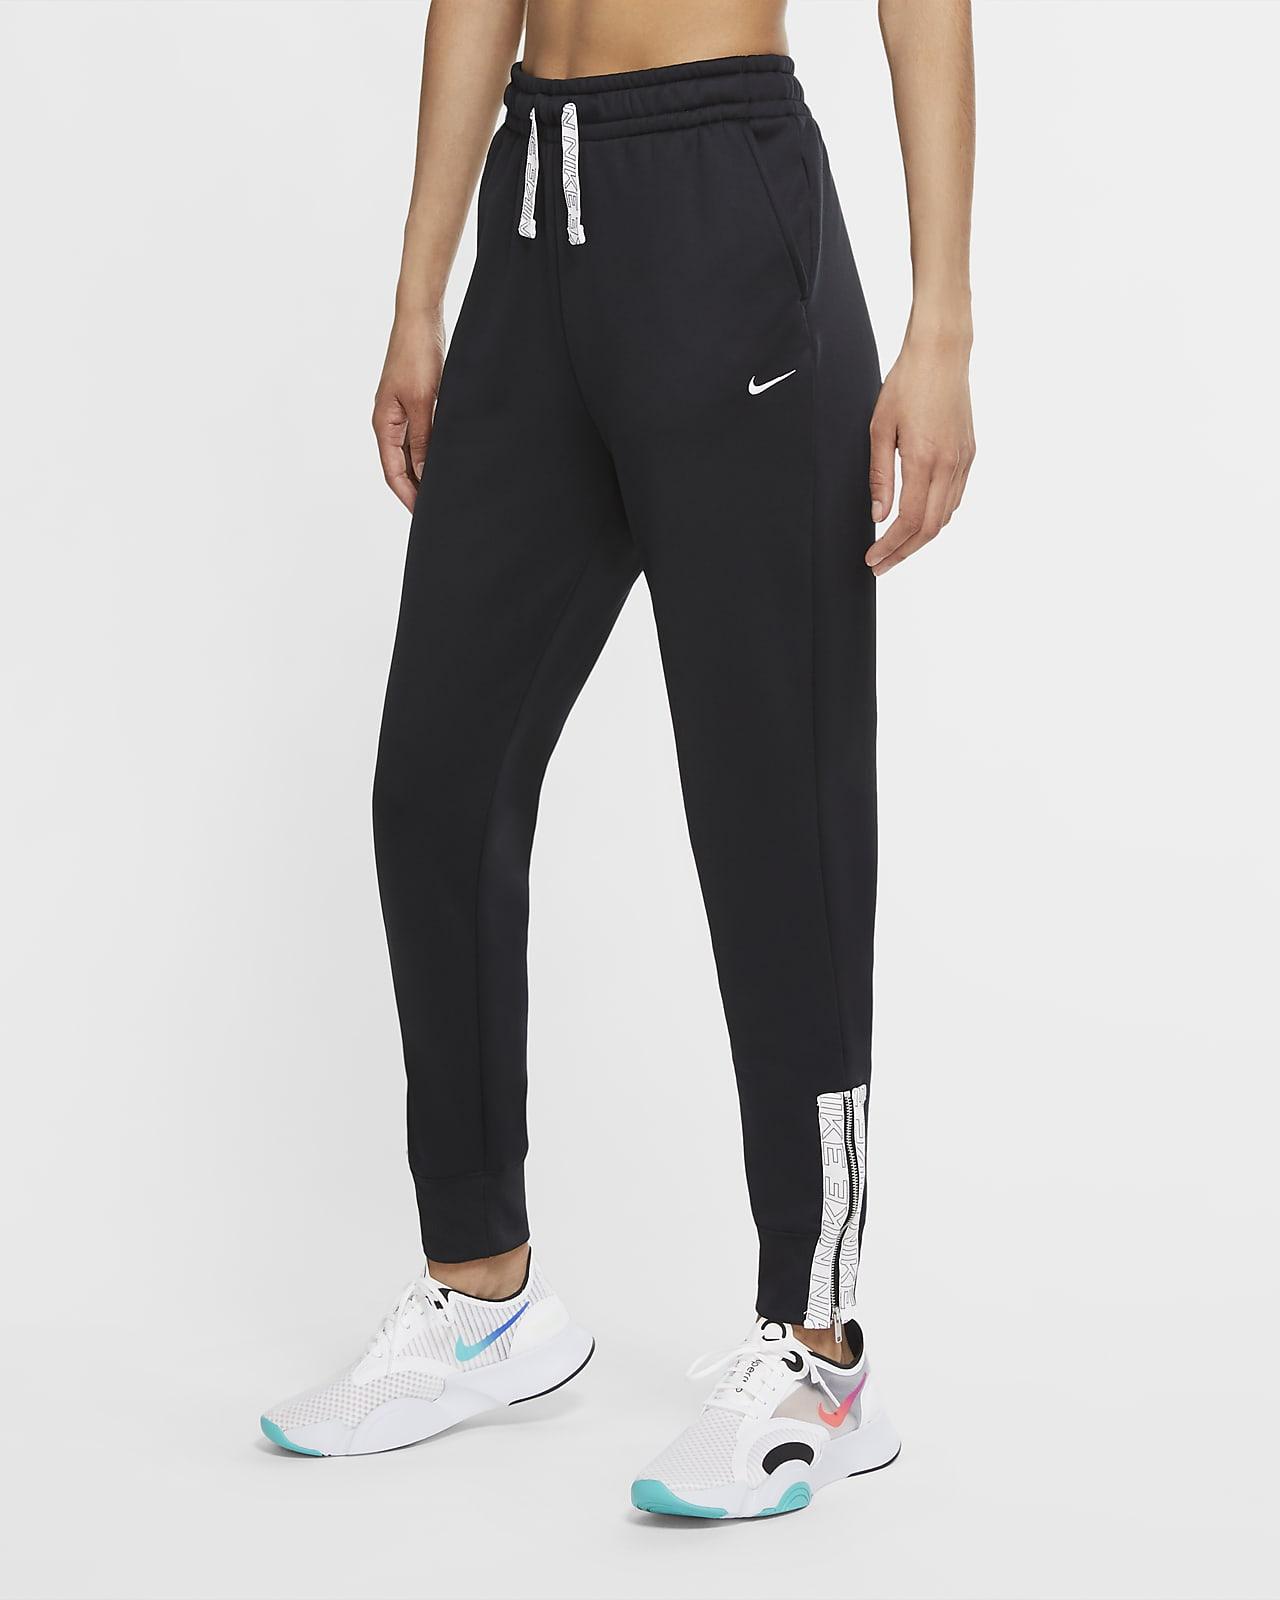 Pantalones de entrenamiento para mujer Nike Therma